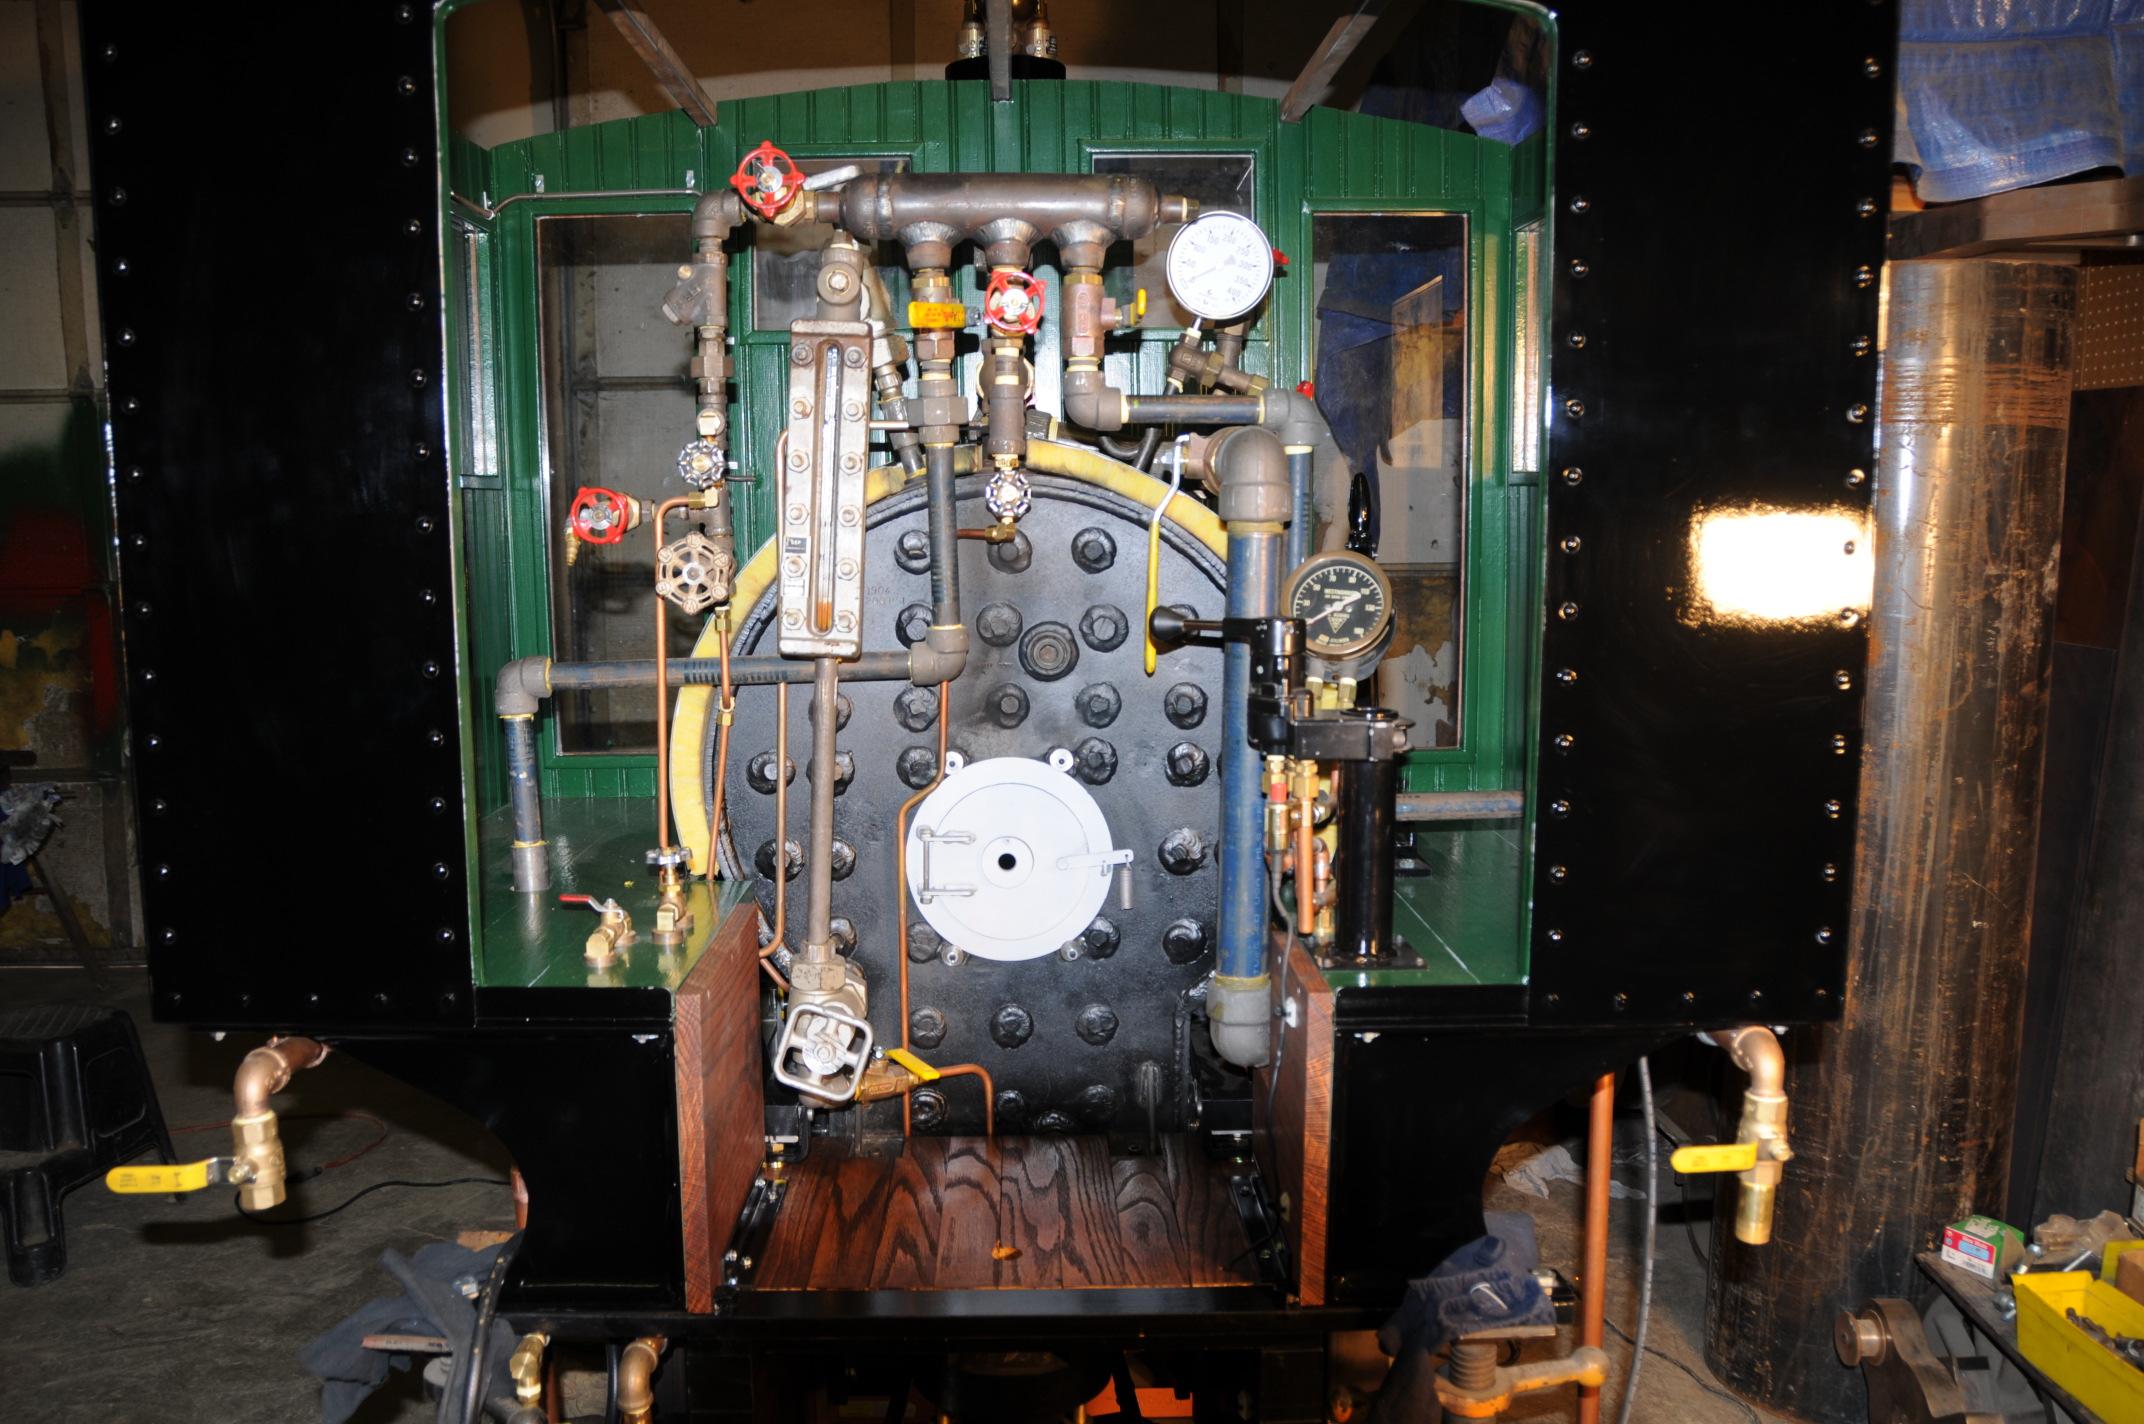 ASME, Mammoth Locomotive Works, John Braun, S Stamp, pressure vessels, certified boilers, power boilers, National Board, code shop, Mammoth Locomotive Works, code boilers, BPV 1, Subgroup on Locomotive Boilers, BPV Committee on Power Boilers (I), ASME BPVC, ASME Boiler and Pressure Vessel Code, ASME Certification Mark